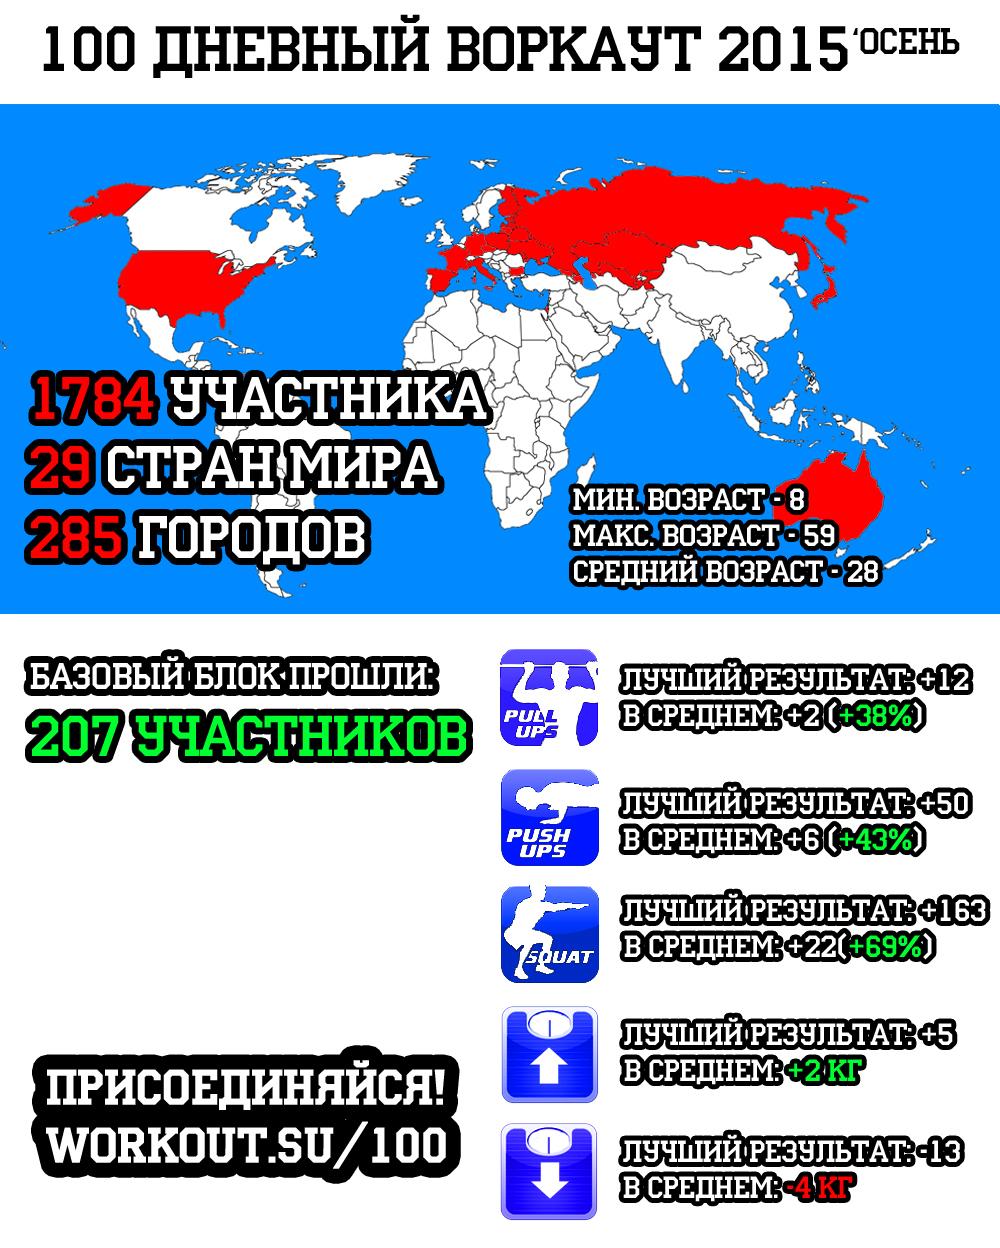 100 дневный воркаут 2015 (Осень) - Статистика на ЭКВАТОРЕ